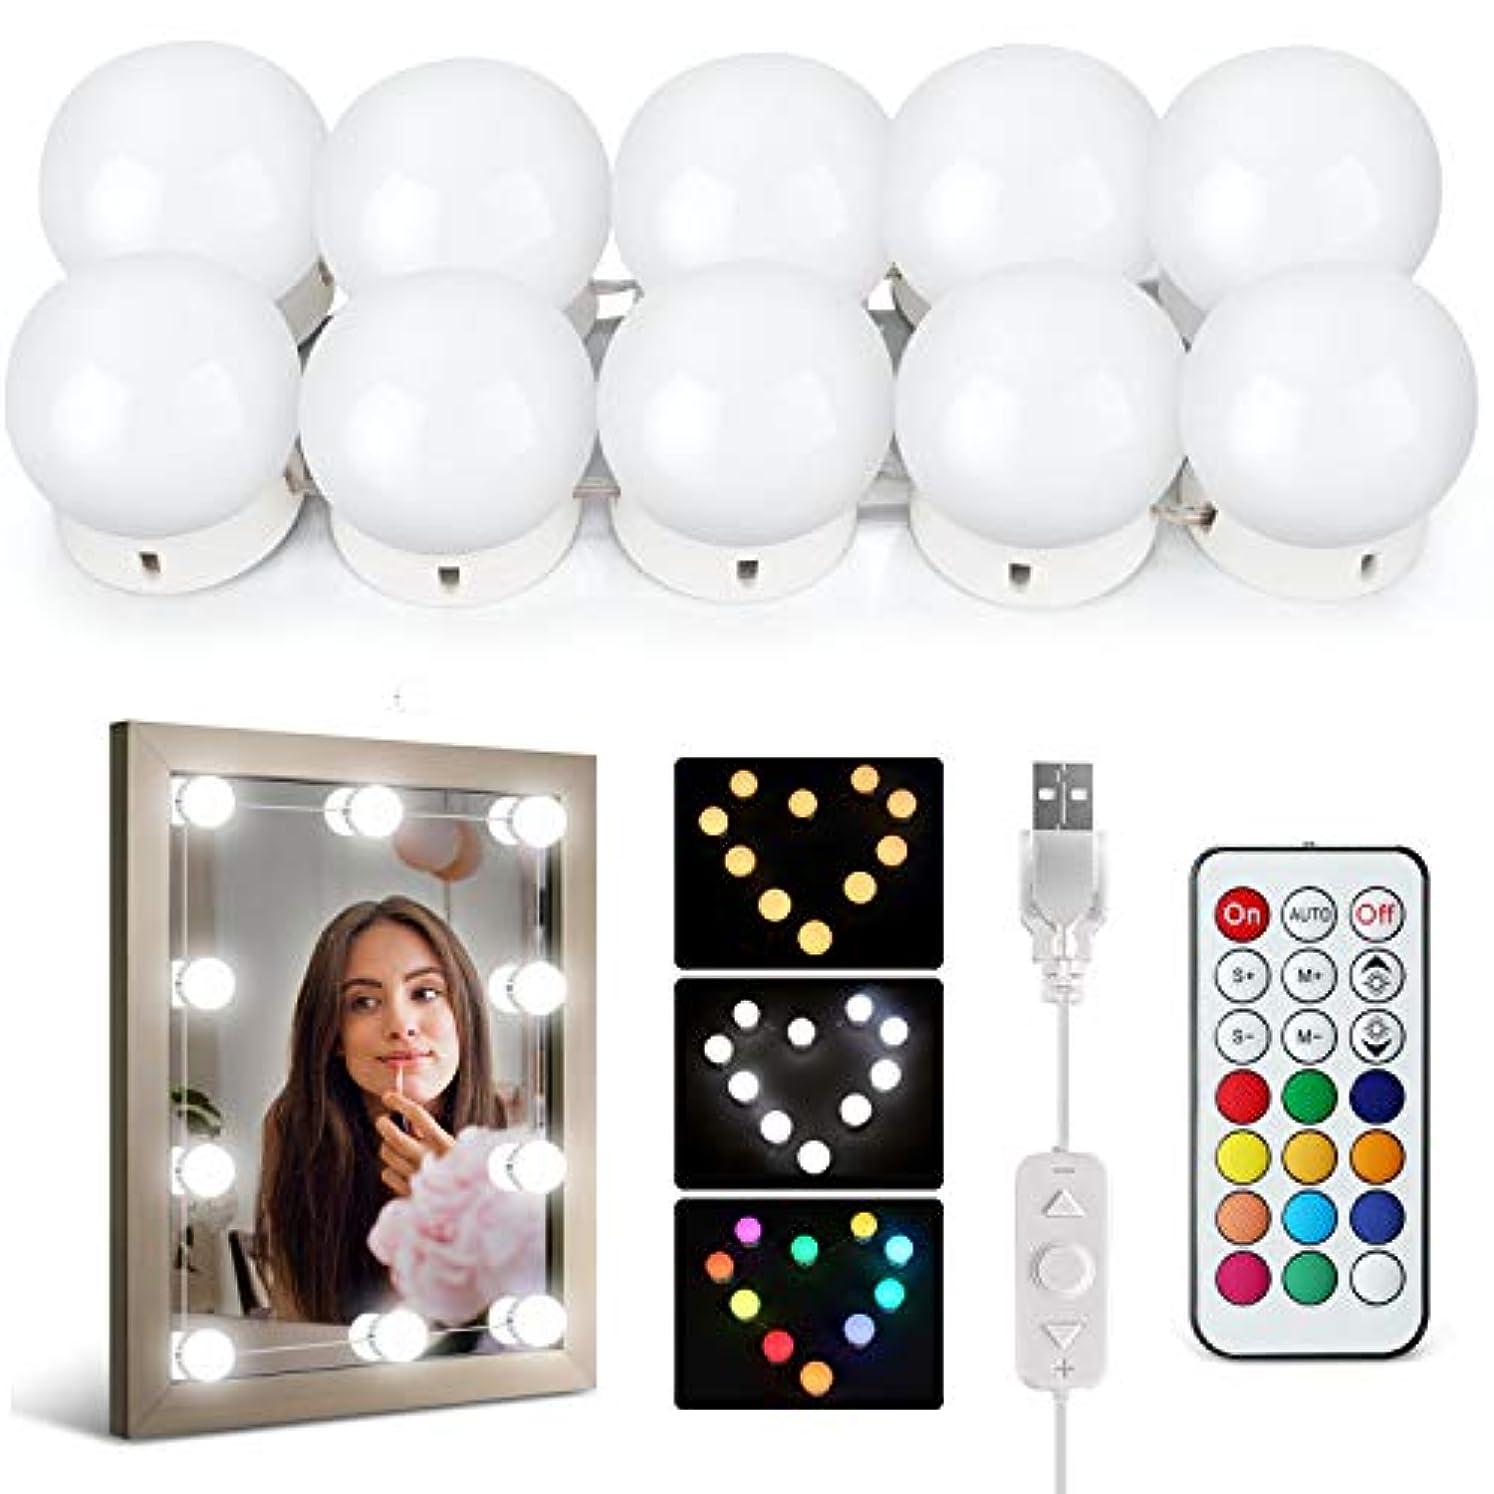 大腿自分の取るIDESION LEDミラーライト 女優ライト 10個で1セット 12カラー 30パターン以上の点灯モード ダブルリモコン付き ハリウッドライト USB給電 日本語説明書付き